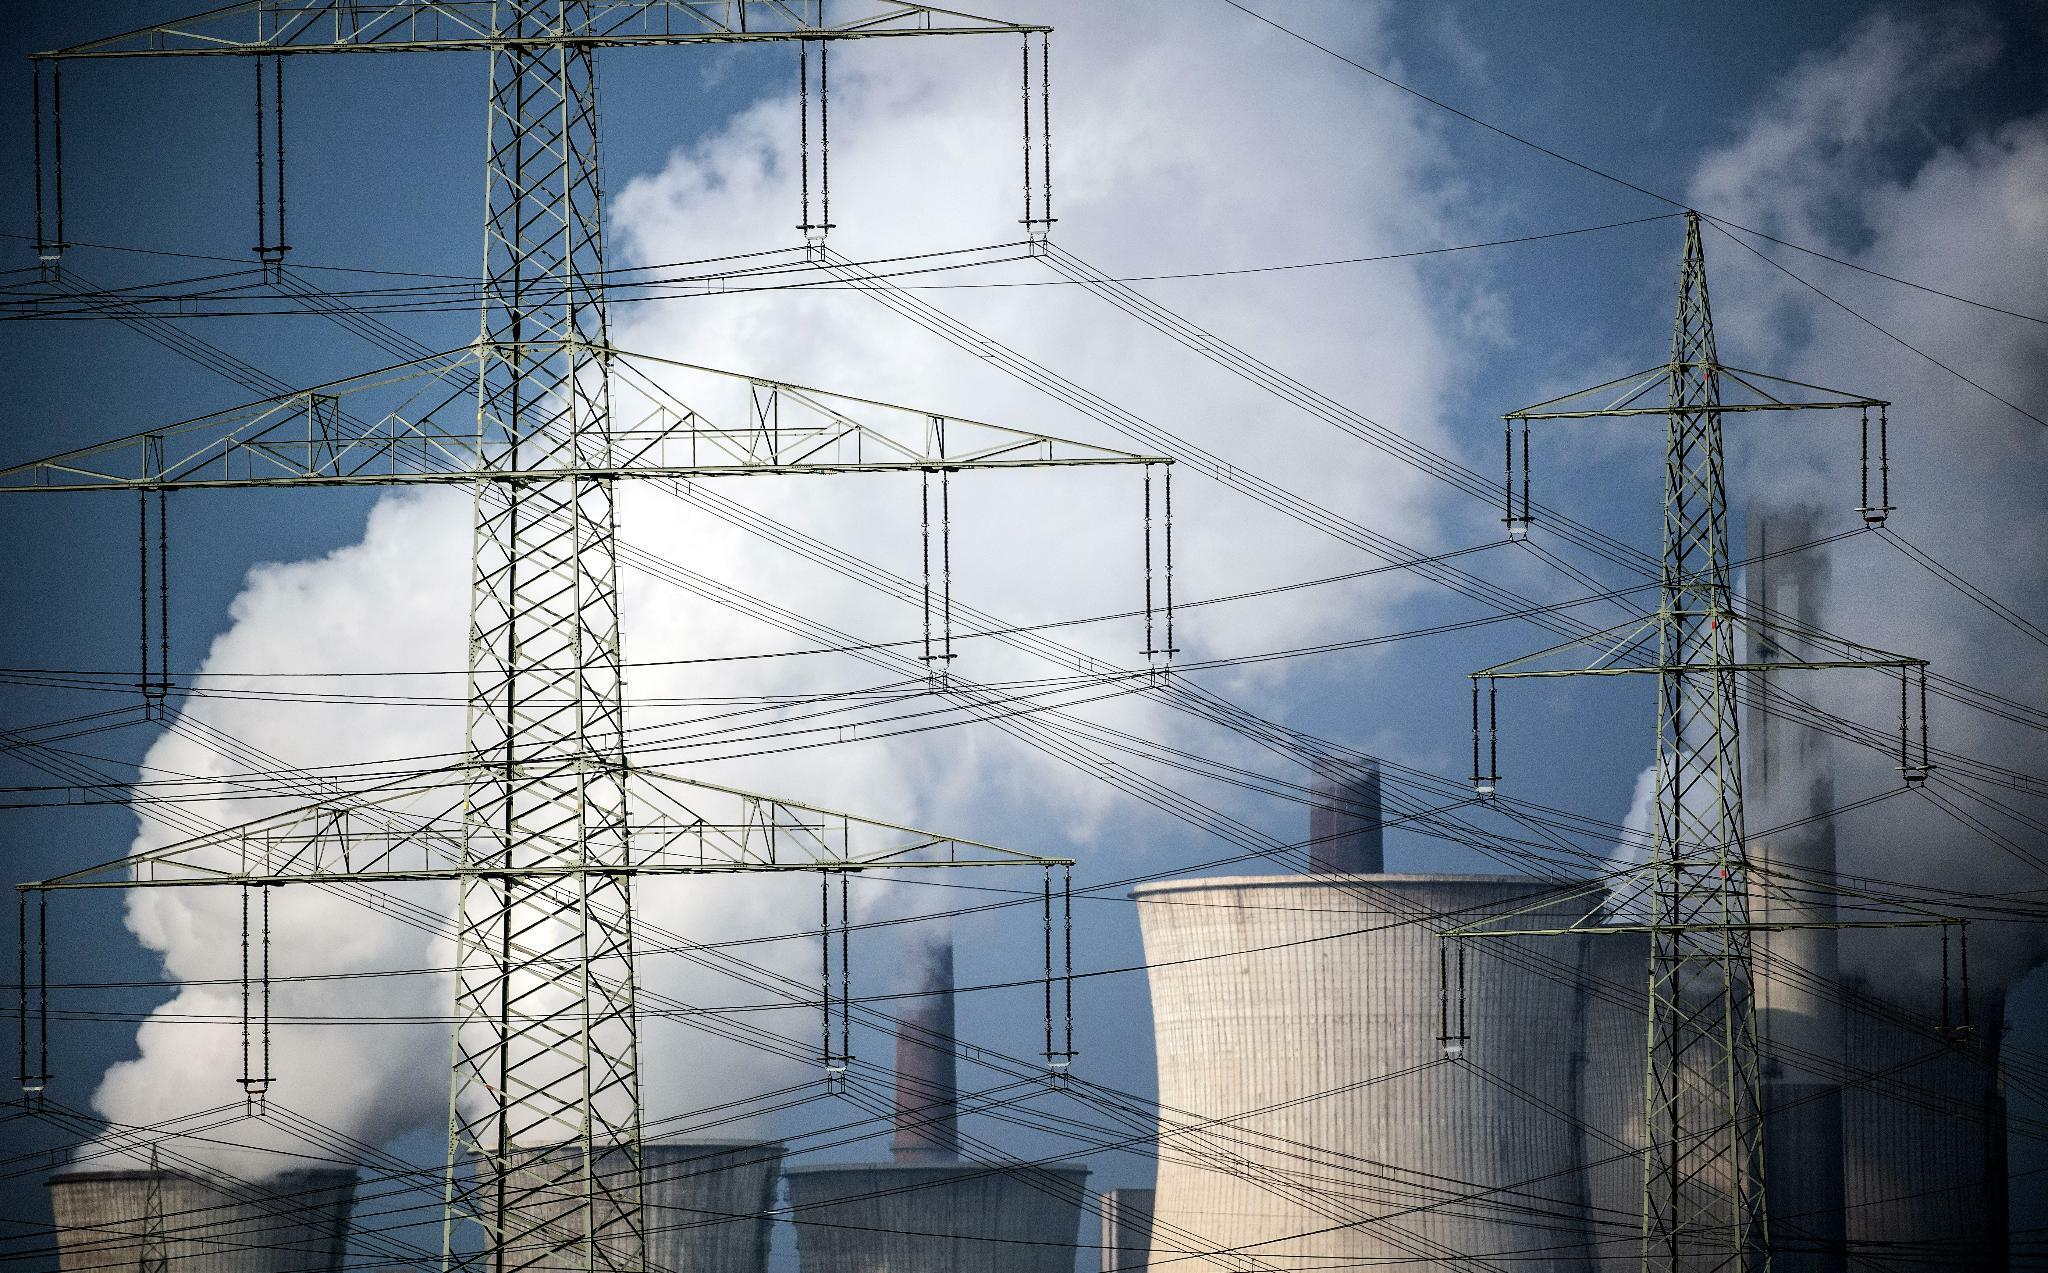 Durch neue Grenzwerte droht Kohleausstieg durch die Hintertür